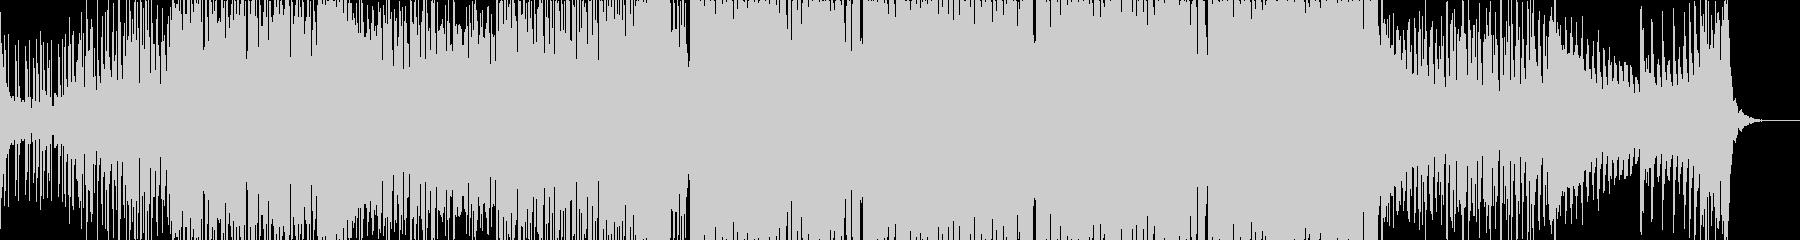 不気味なムーンバートンの未再生の波形